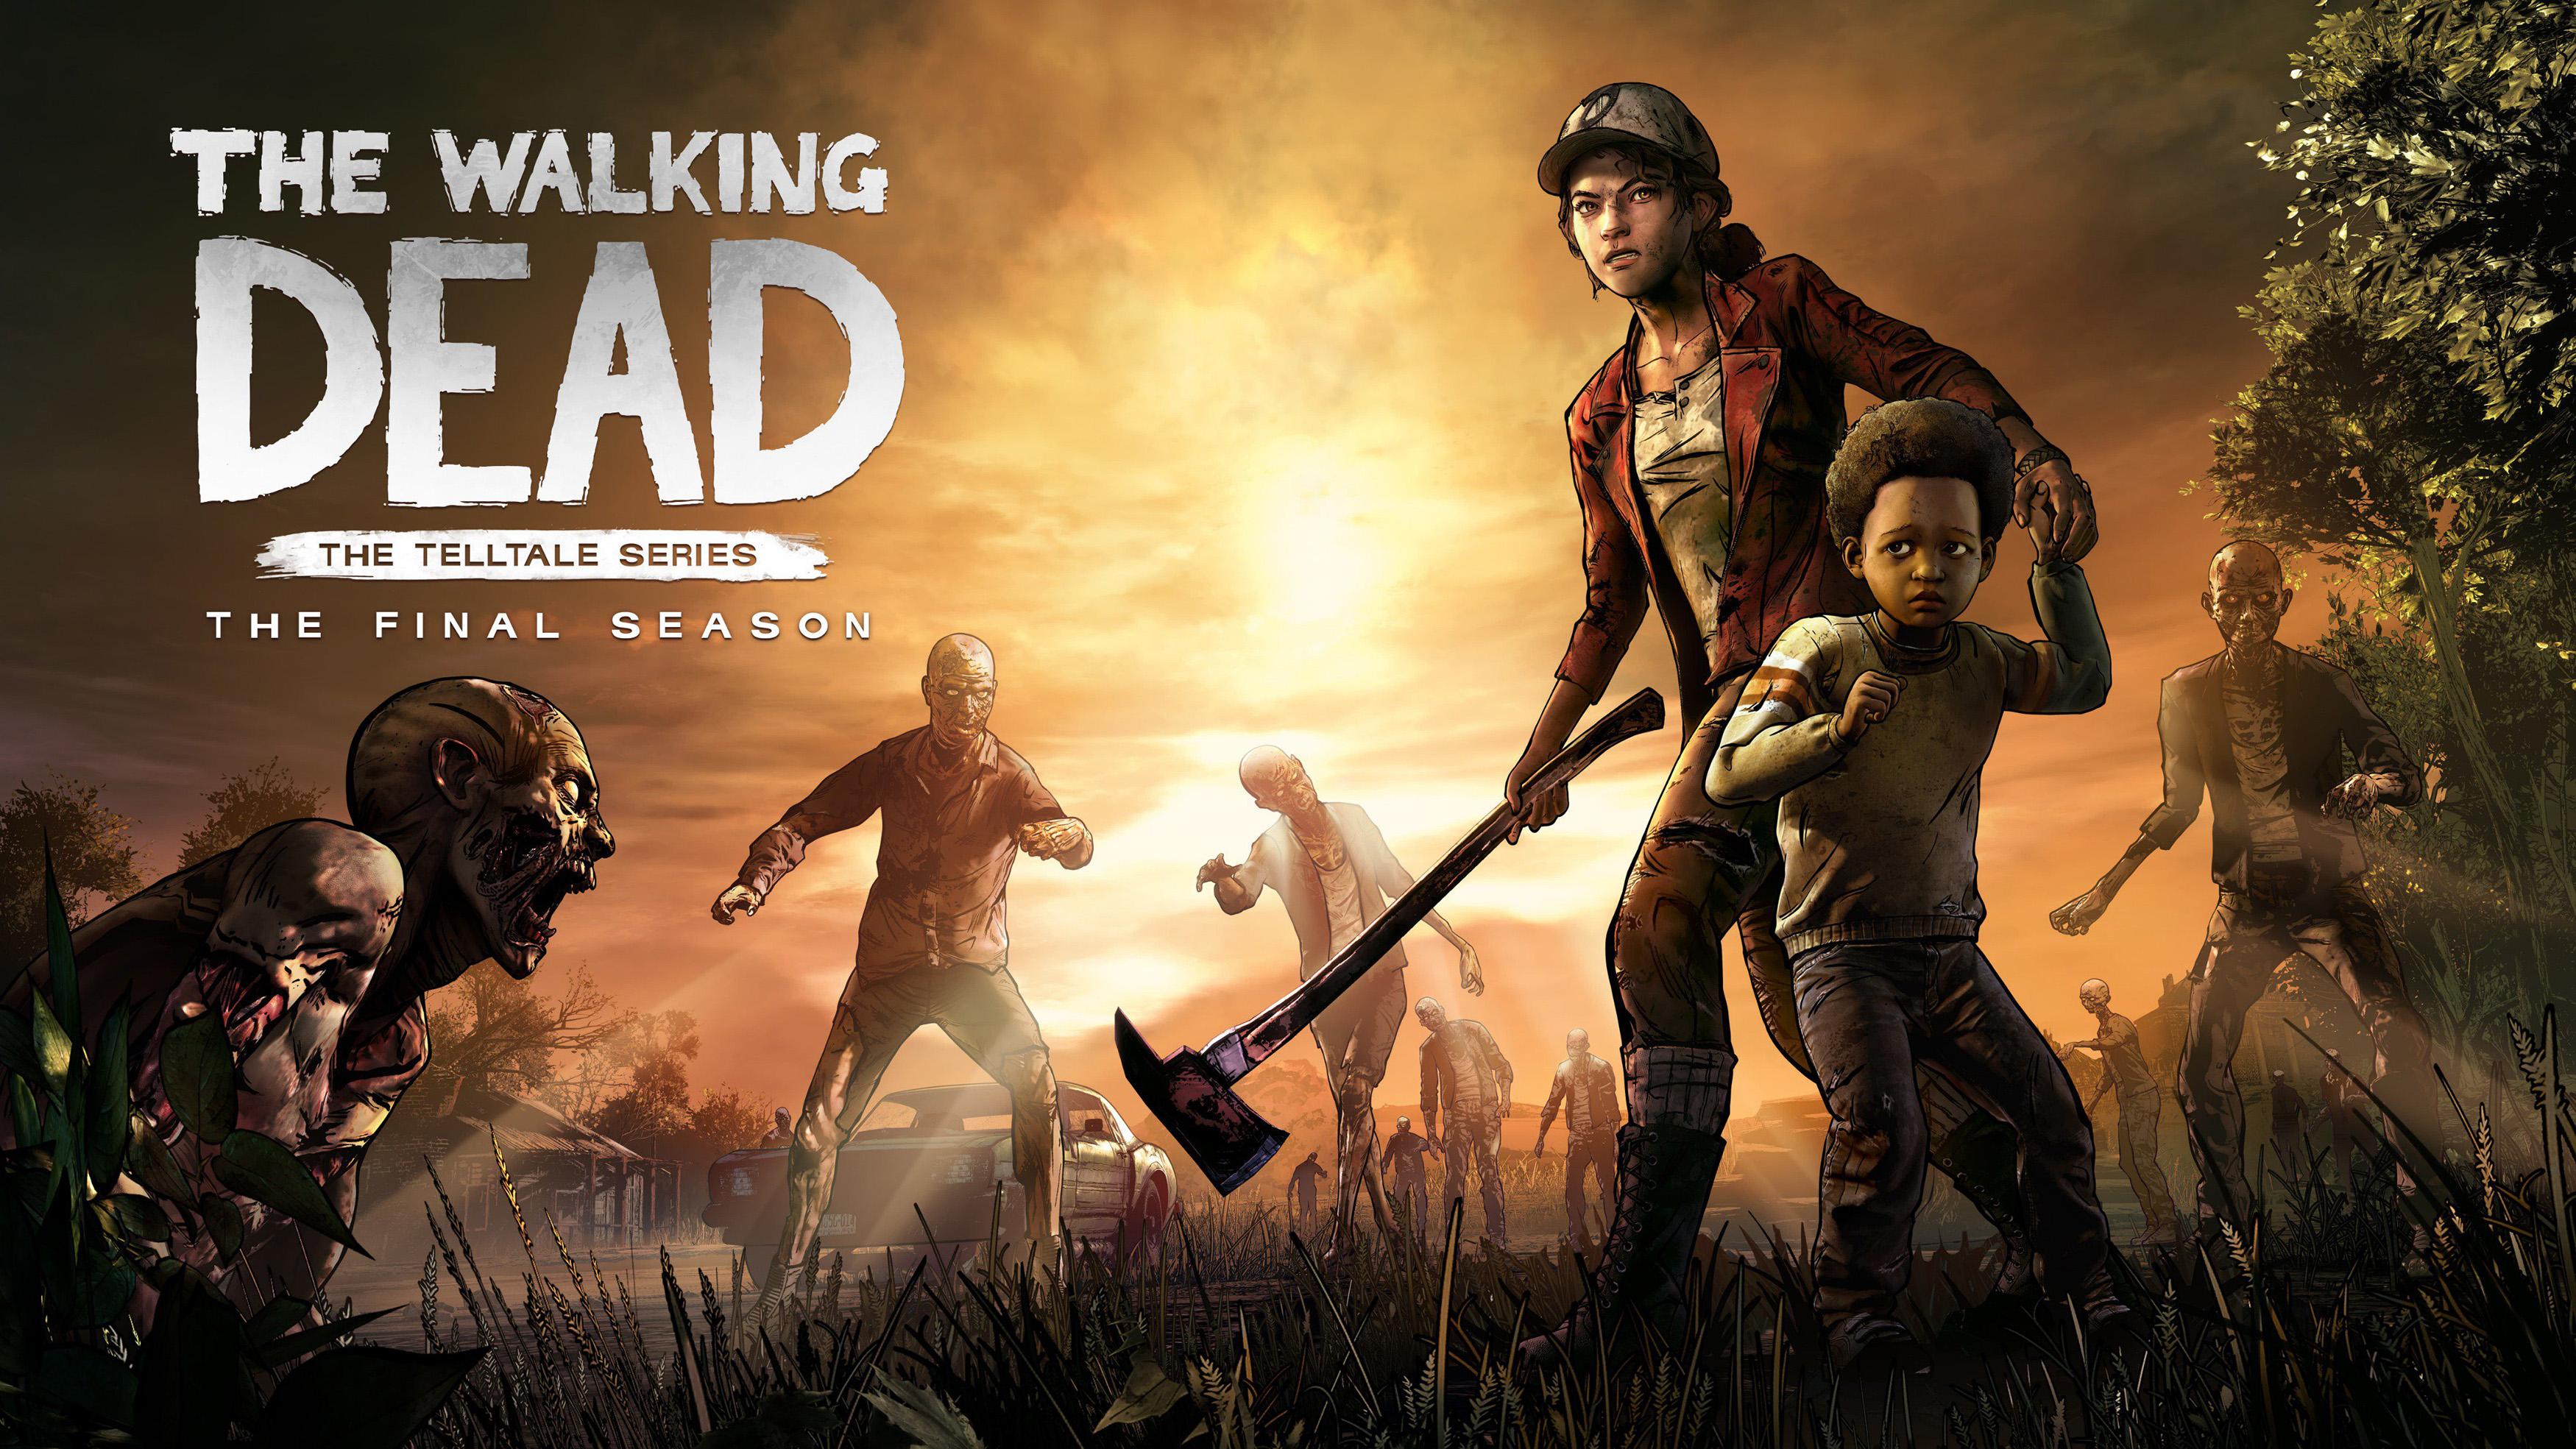 The Walking Dead: Final Season | Telltale Games revela data de todos os episódios